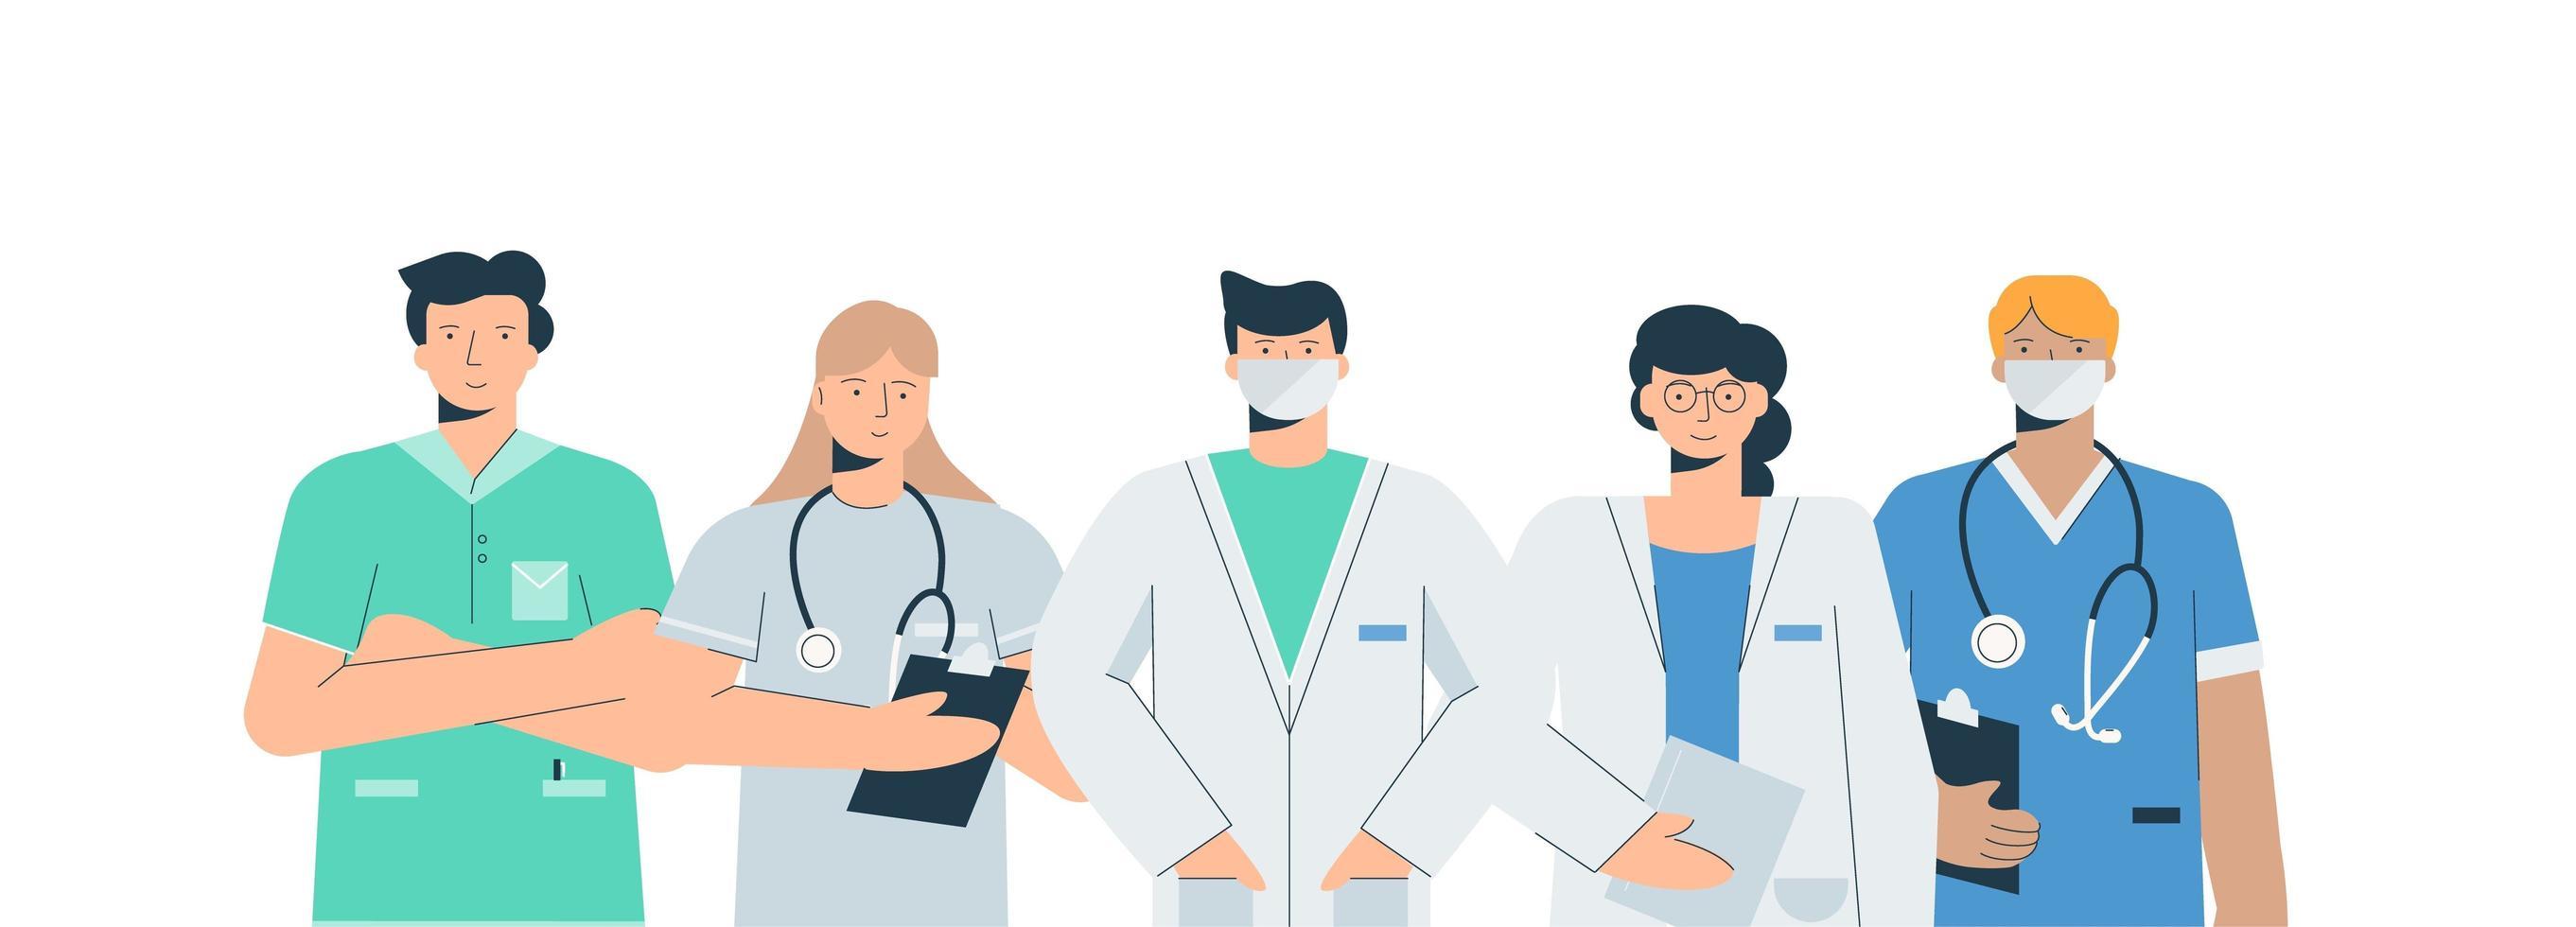 Doctors in medical uniforms set vector